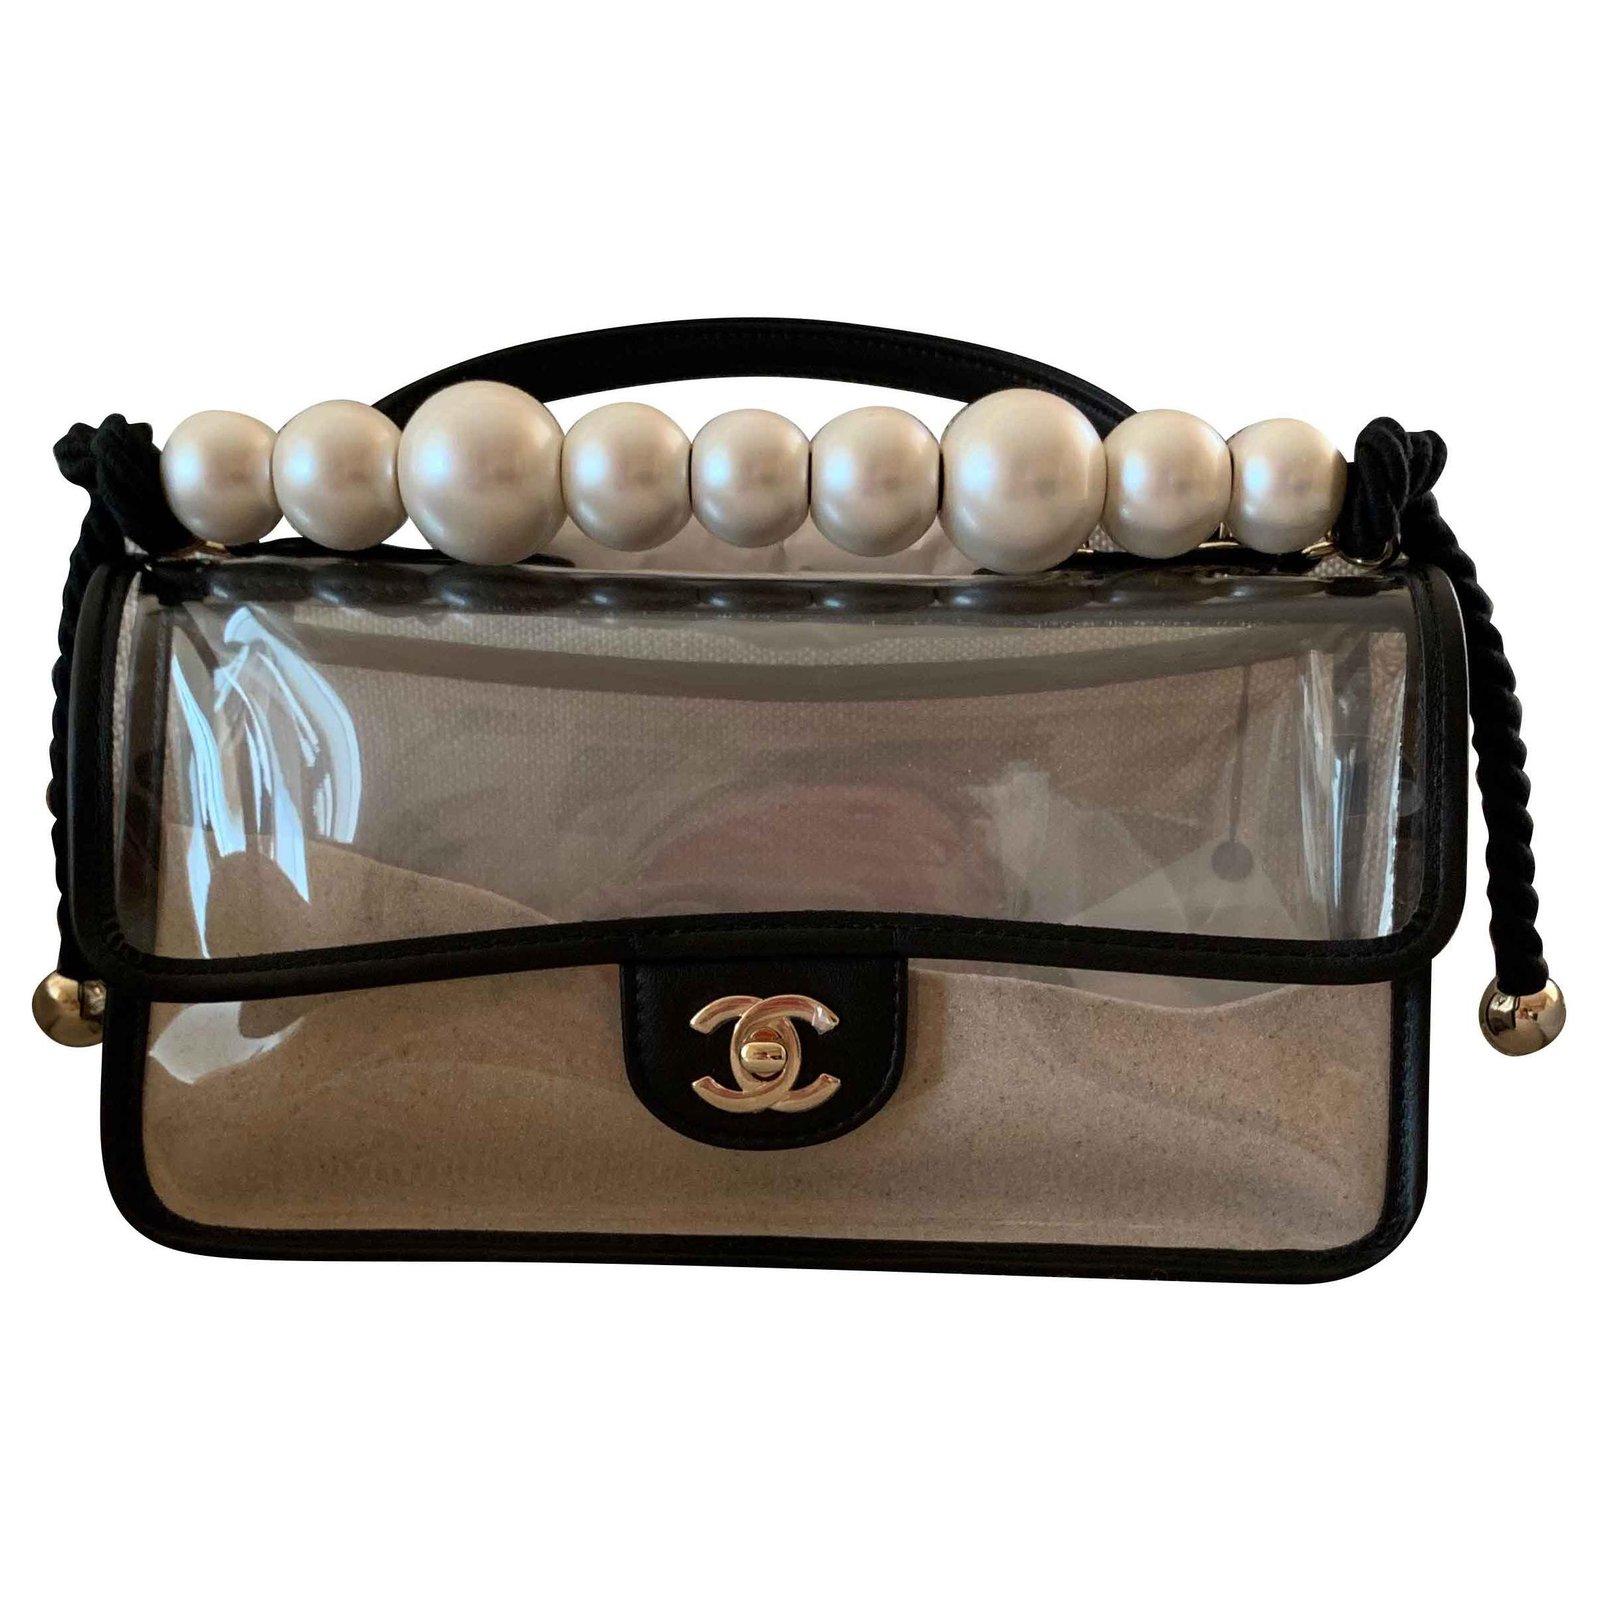 8ad395ddacef Chanel Coco Sand PVC Flap Bag Handbags Plastic Black ref.117203 ...